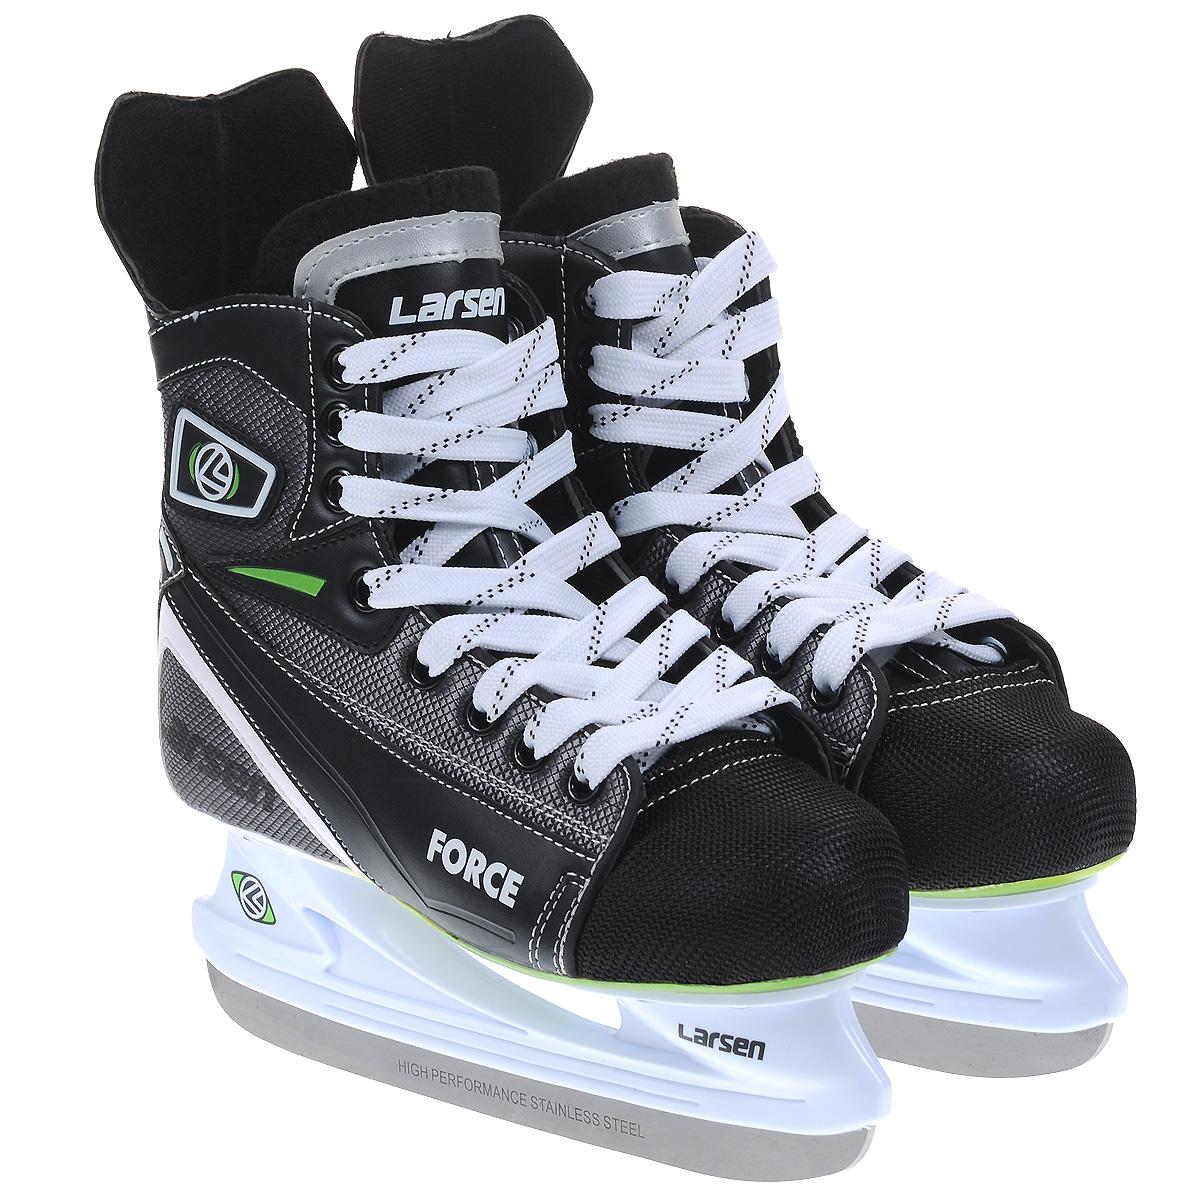 Коньки хоккейные Larsen Force, цвет: черный, серый. Размер 44ForceХоккейные коньки Force от Larsen прекрасно подойдут для начинающих игроков в хоккей. Ботинок выполнен из морозоустойчивого поливинилхлорида, мыс - из полипропилена, который защитит ноги от ударов, покрытого сетчатым нейлоном плотностью 800D. Внутренний слой изготовлен из мягкого материала Cambrelle, который обеспечит тепло и комфорт во время катания, язычок войлочный. Поролоновый утеплитель не позволит вашим ногам замерзнуть. Плотная шнуровка надежно фиксирует модель на ноге. Удобный суппорт голеностопа.Стелька из материала EVA обеспечит комфортное катание.Стойка выполнена из ударопрочного пластика. Лезвие из высокоуглеродистой стали жесткостью HRC 50-52 обеспечит превосходное скольжение.